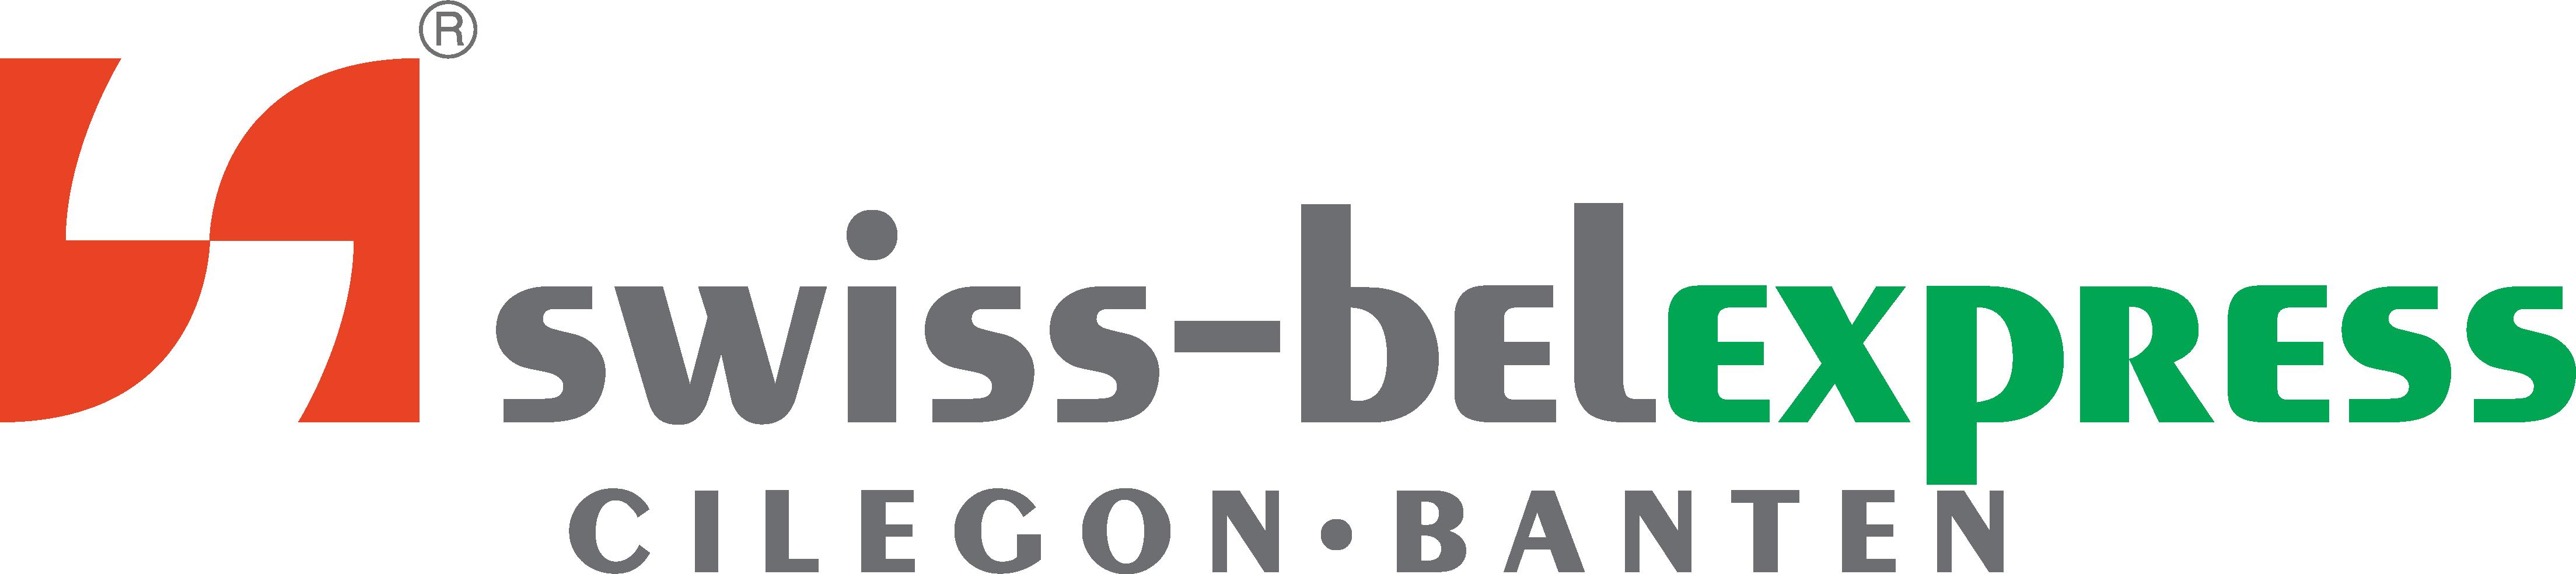 Swiss-Belexpress Cilegon